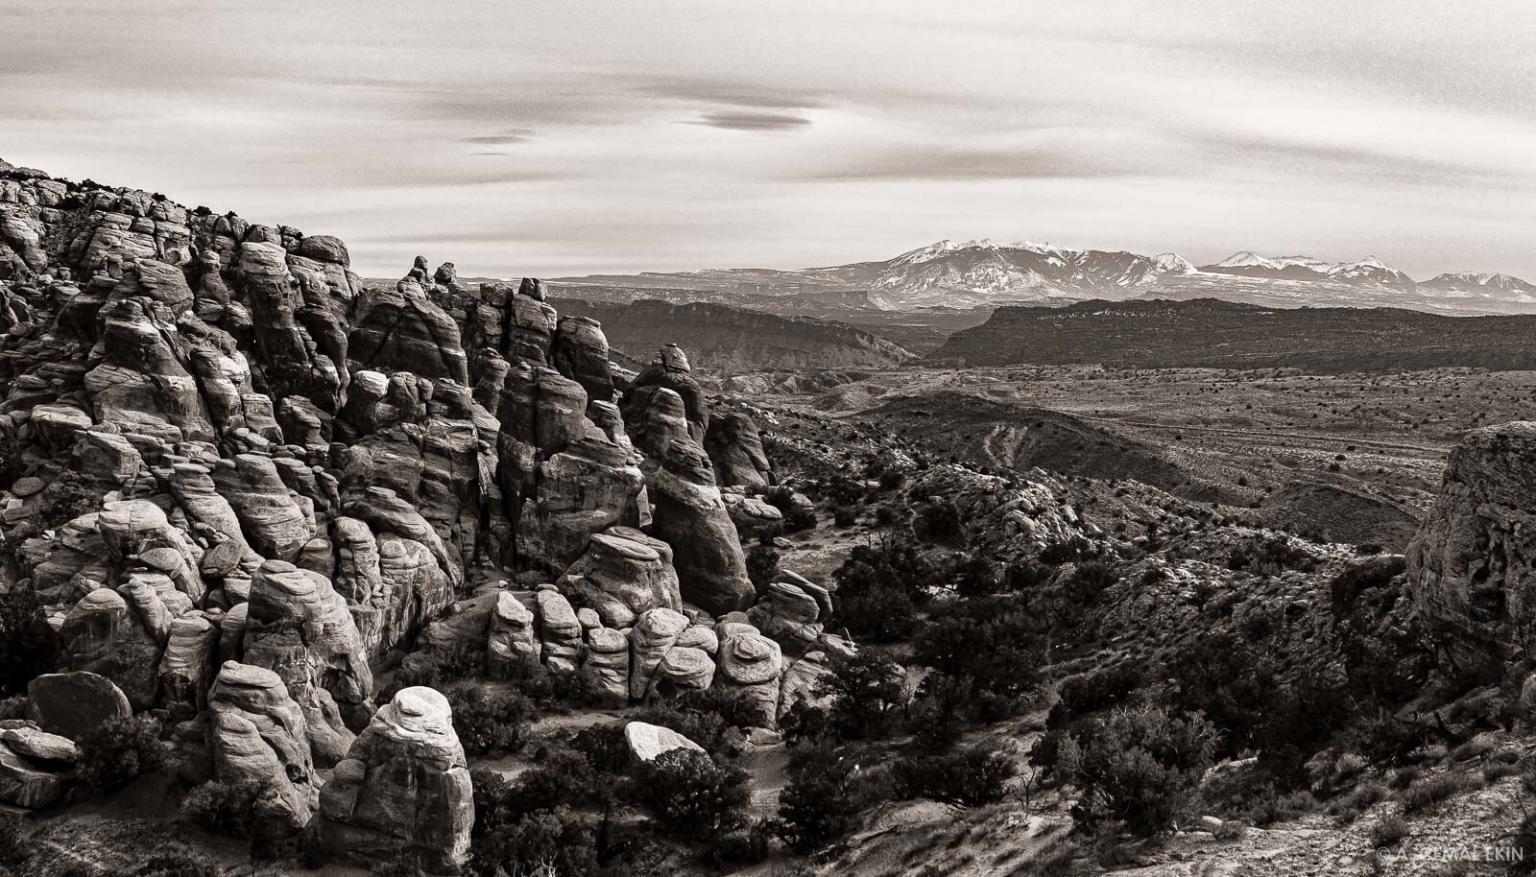 15 - Visions of Utah